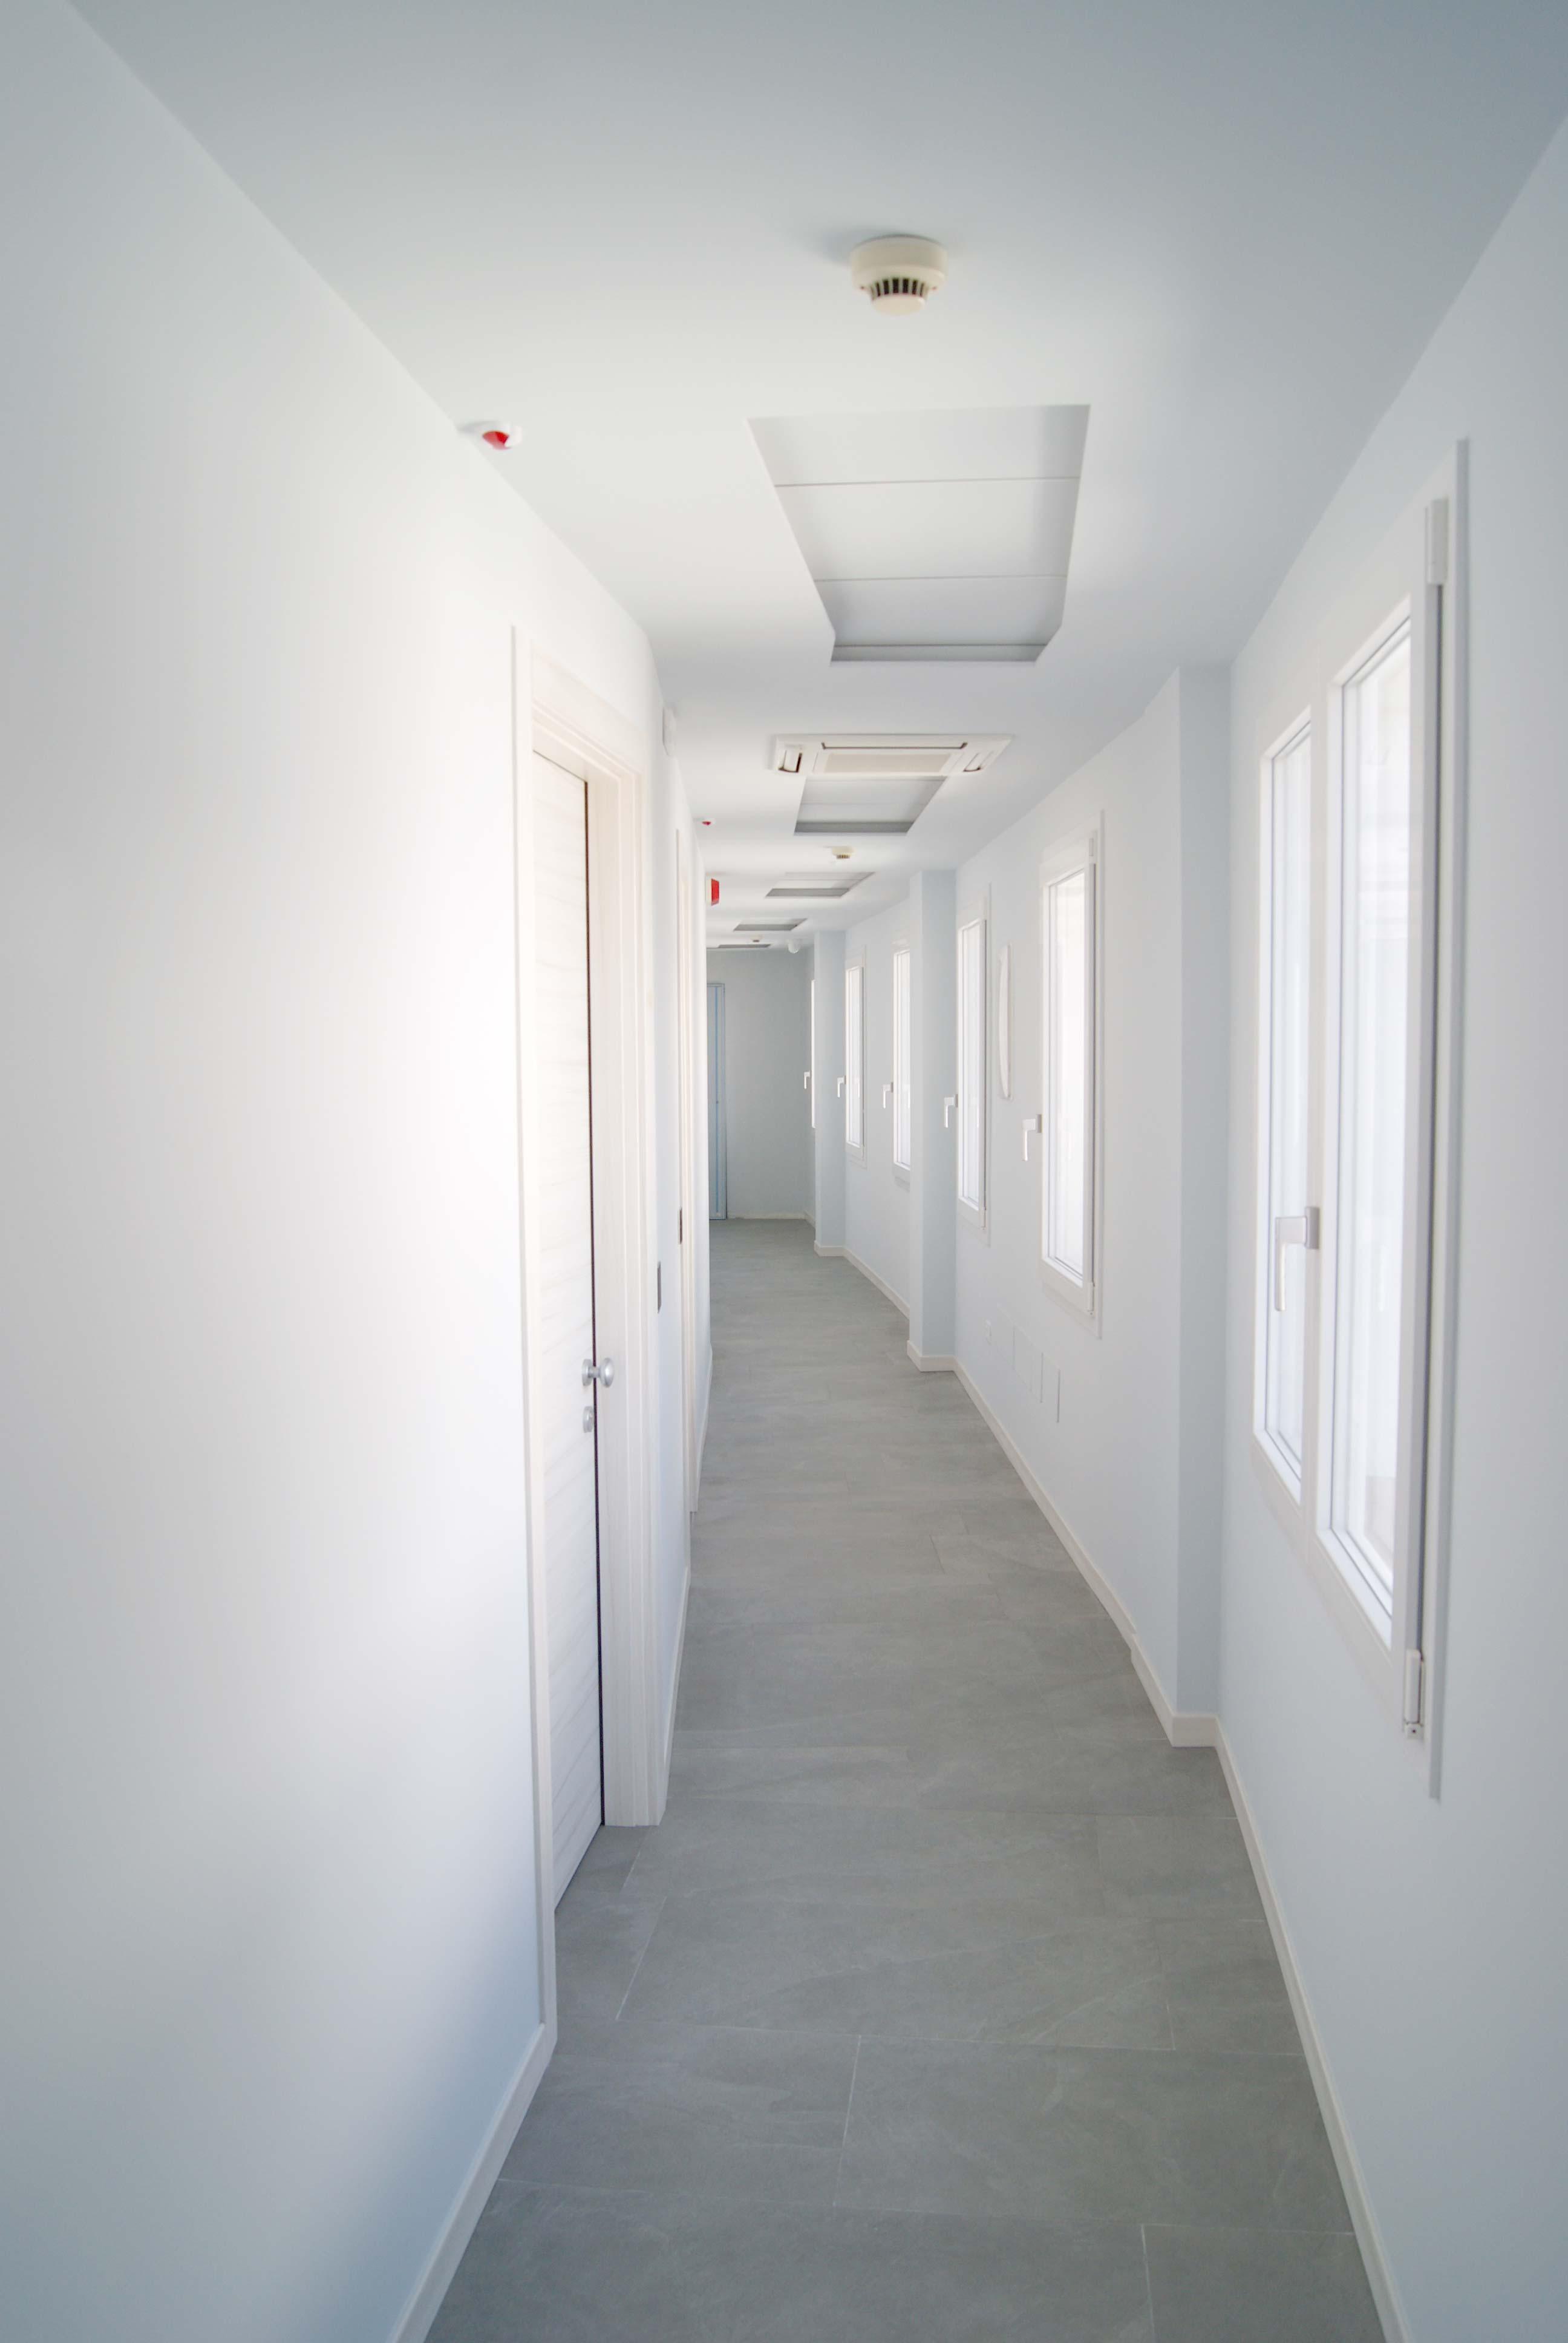 corridoio e accessi alle camere